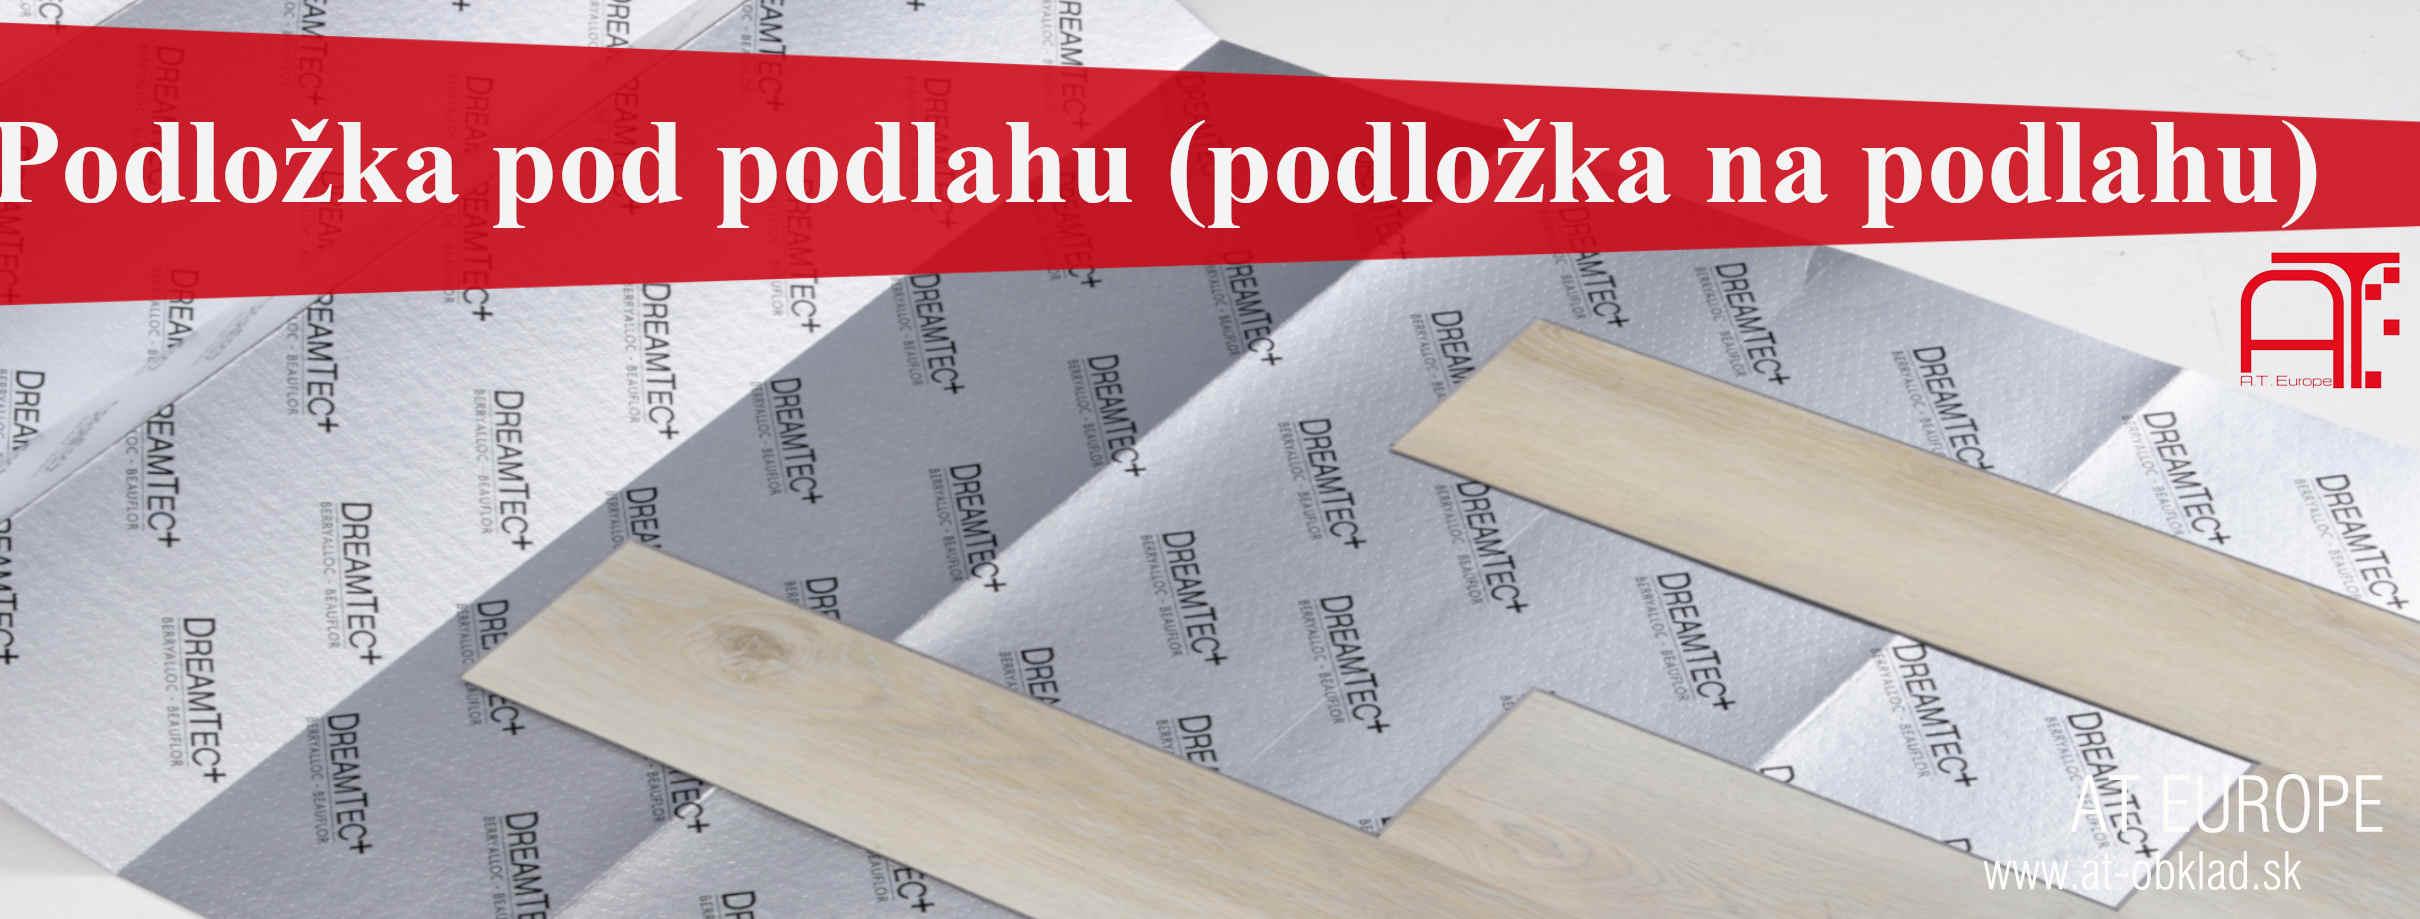 Podložka pod podlahu (podložka na podlahu)